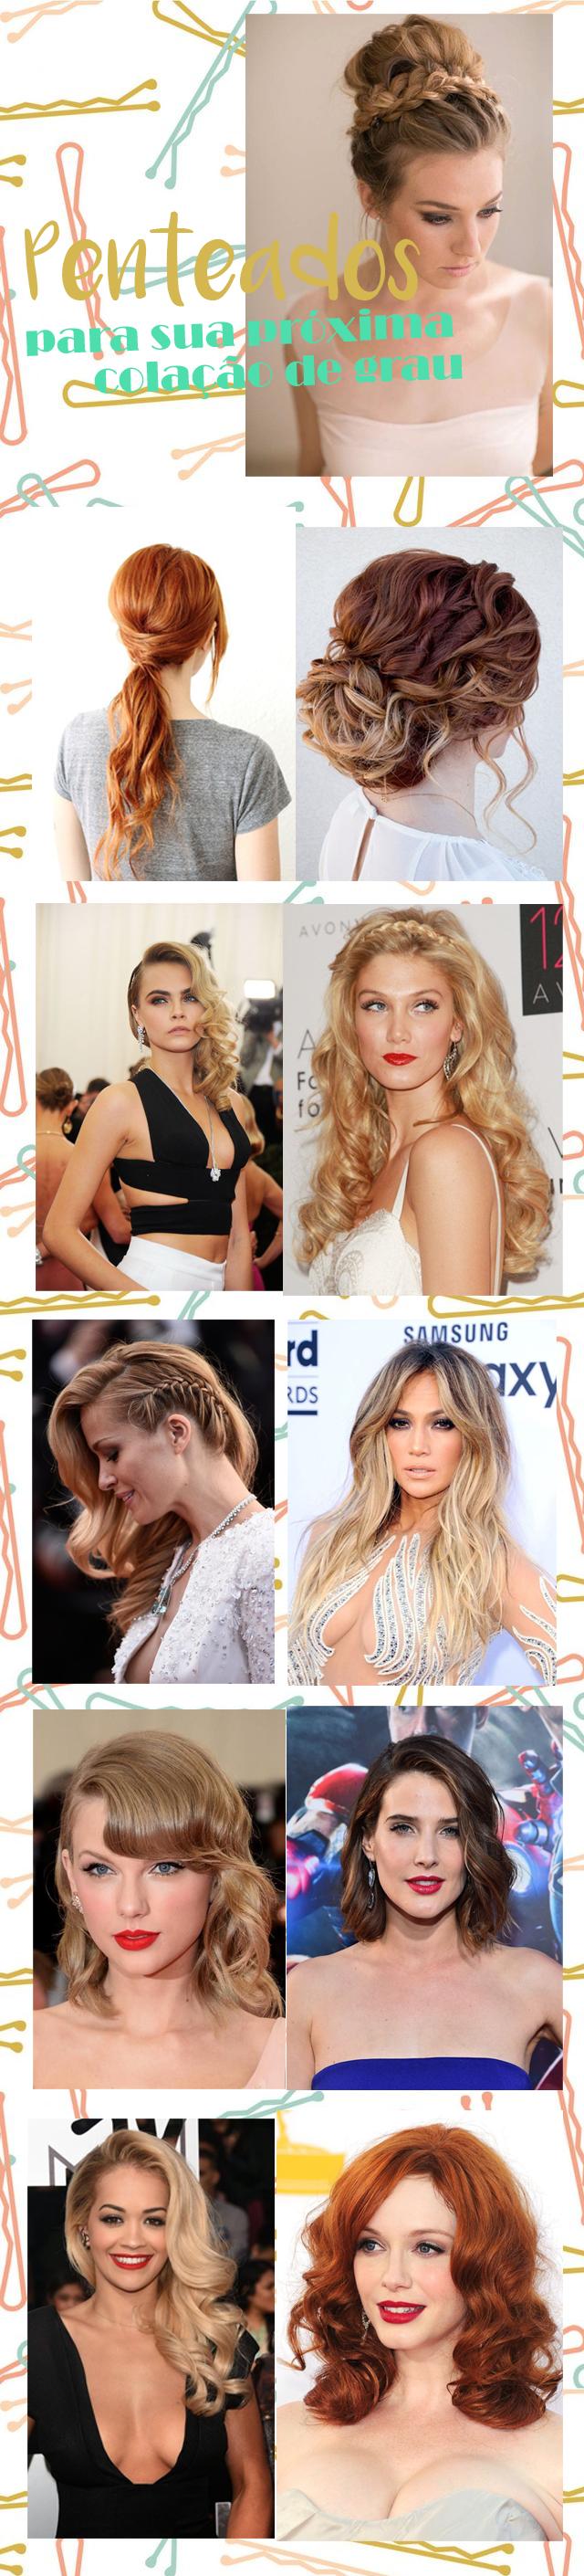 penteados copy